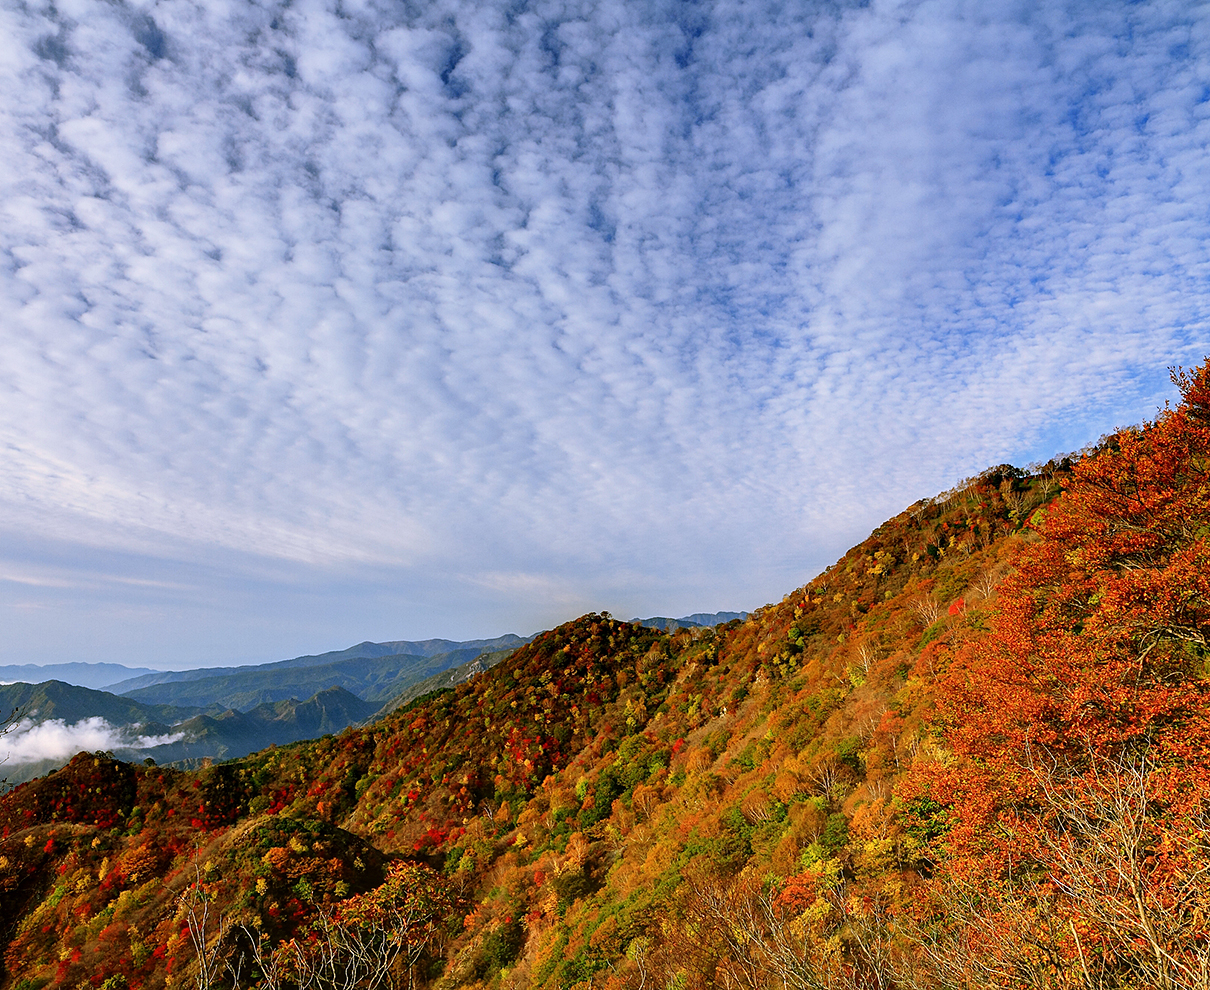 「冬型の気圧配置」と耳にしたら「雲画像」を要チェック! 気象予報士 二村千津子の風と雲